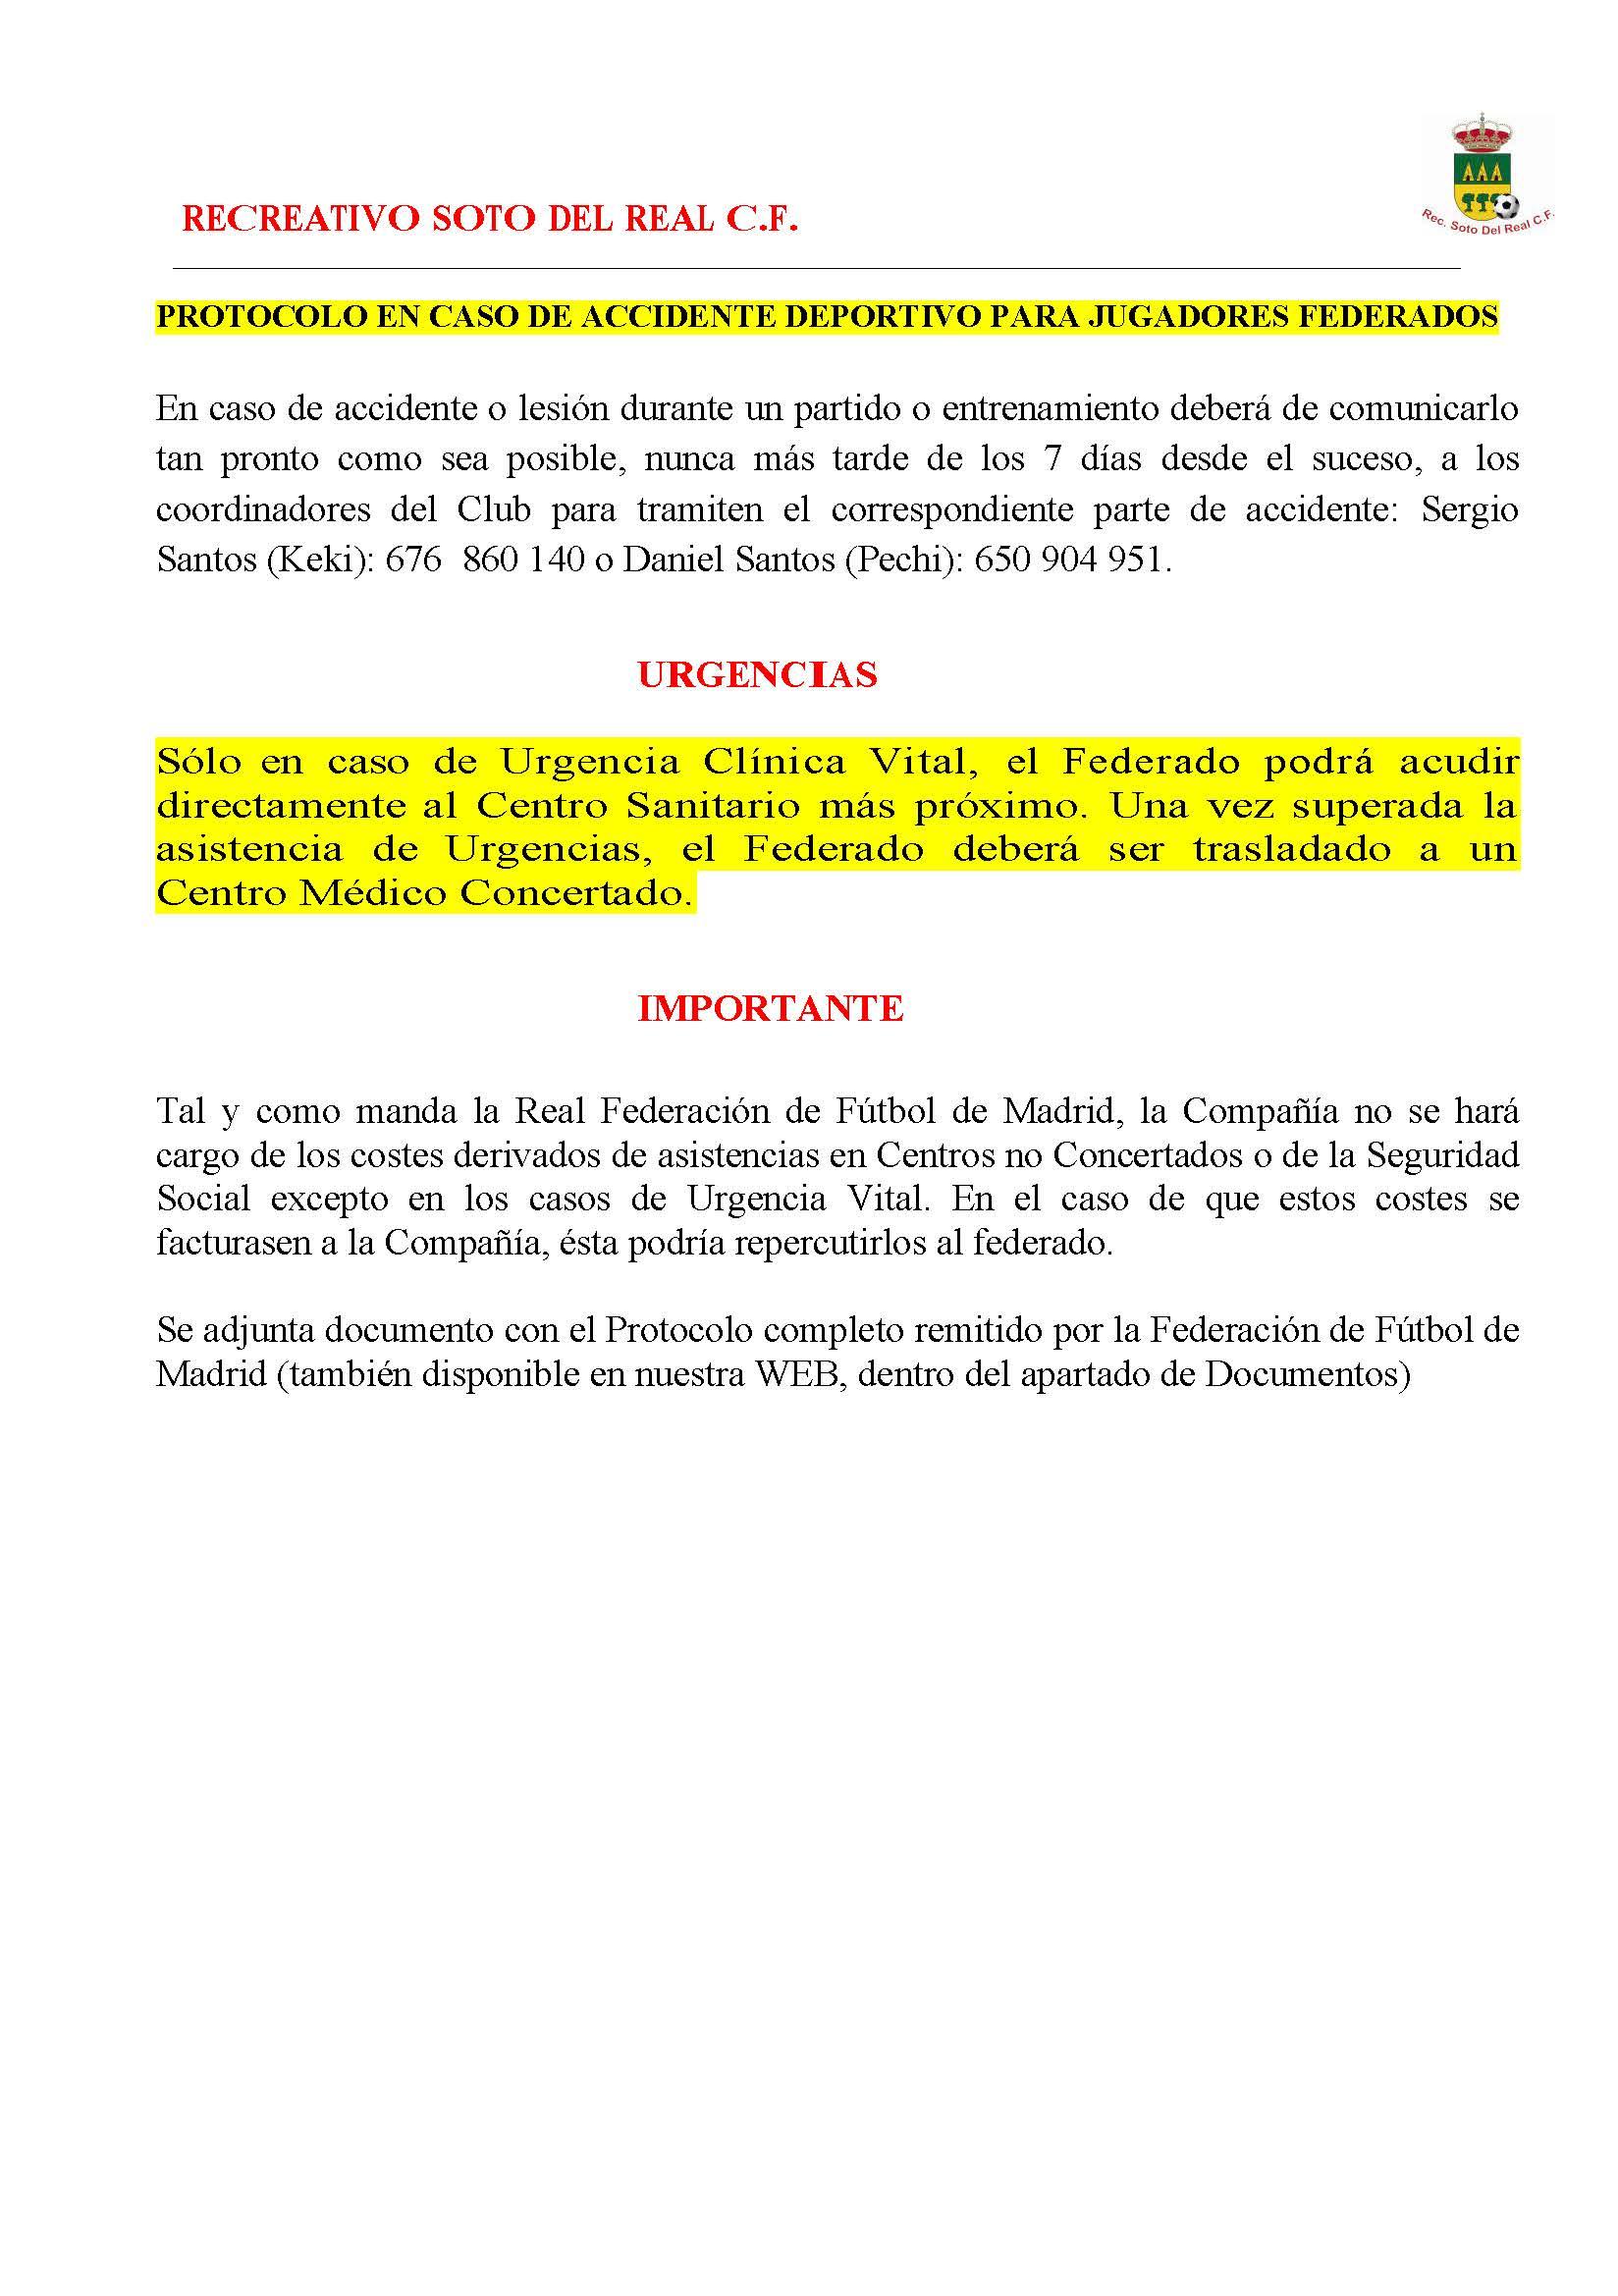 sdsPROTOCOLO EN CASO DE ACCIDENTE